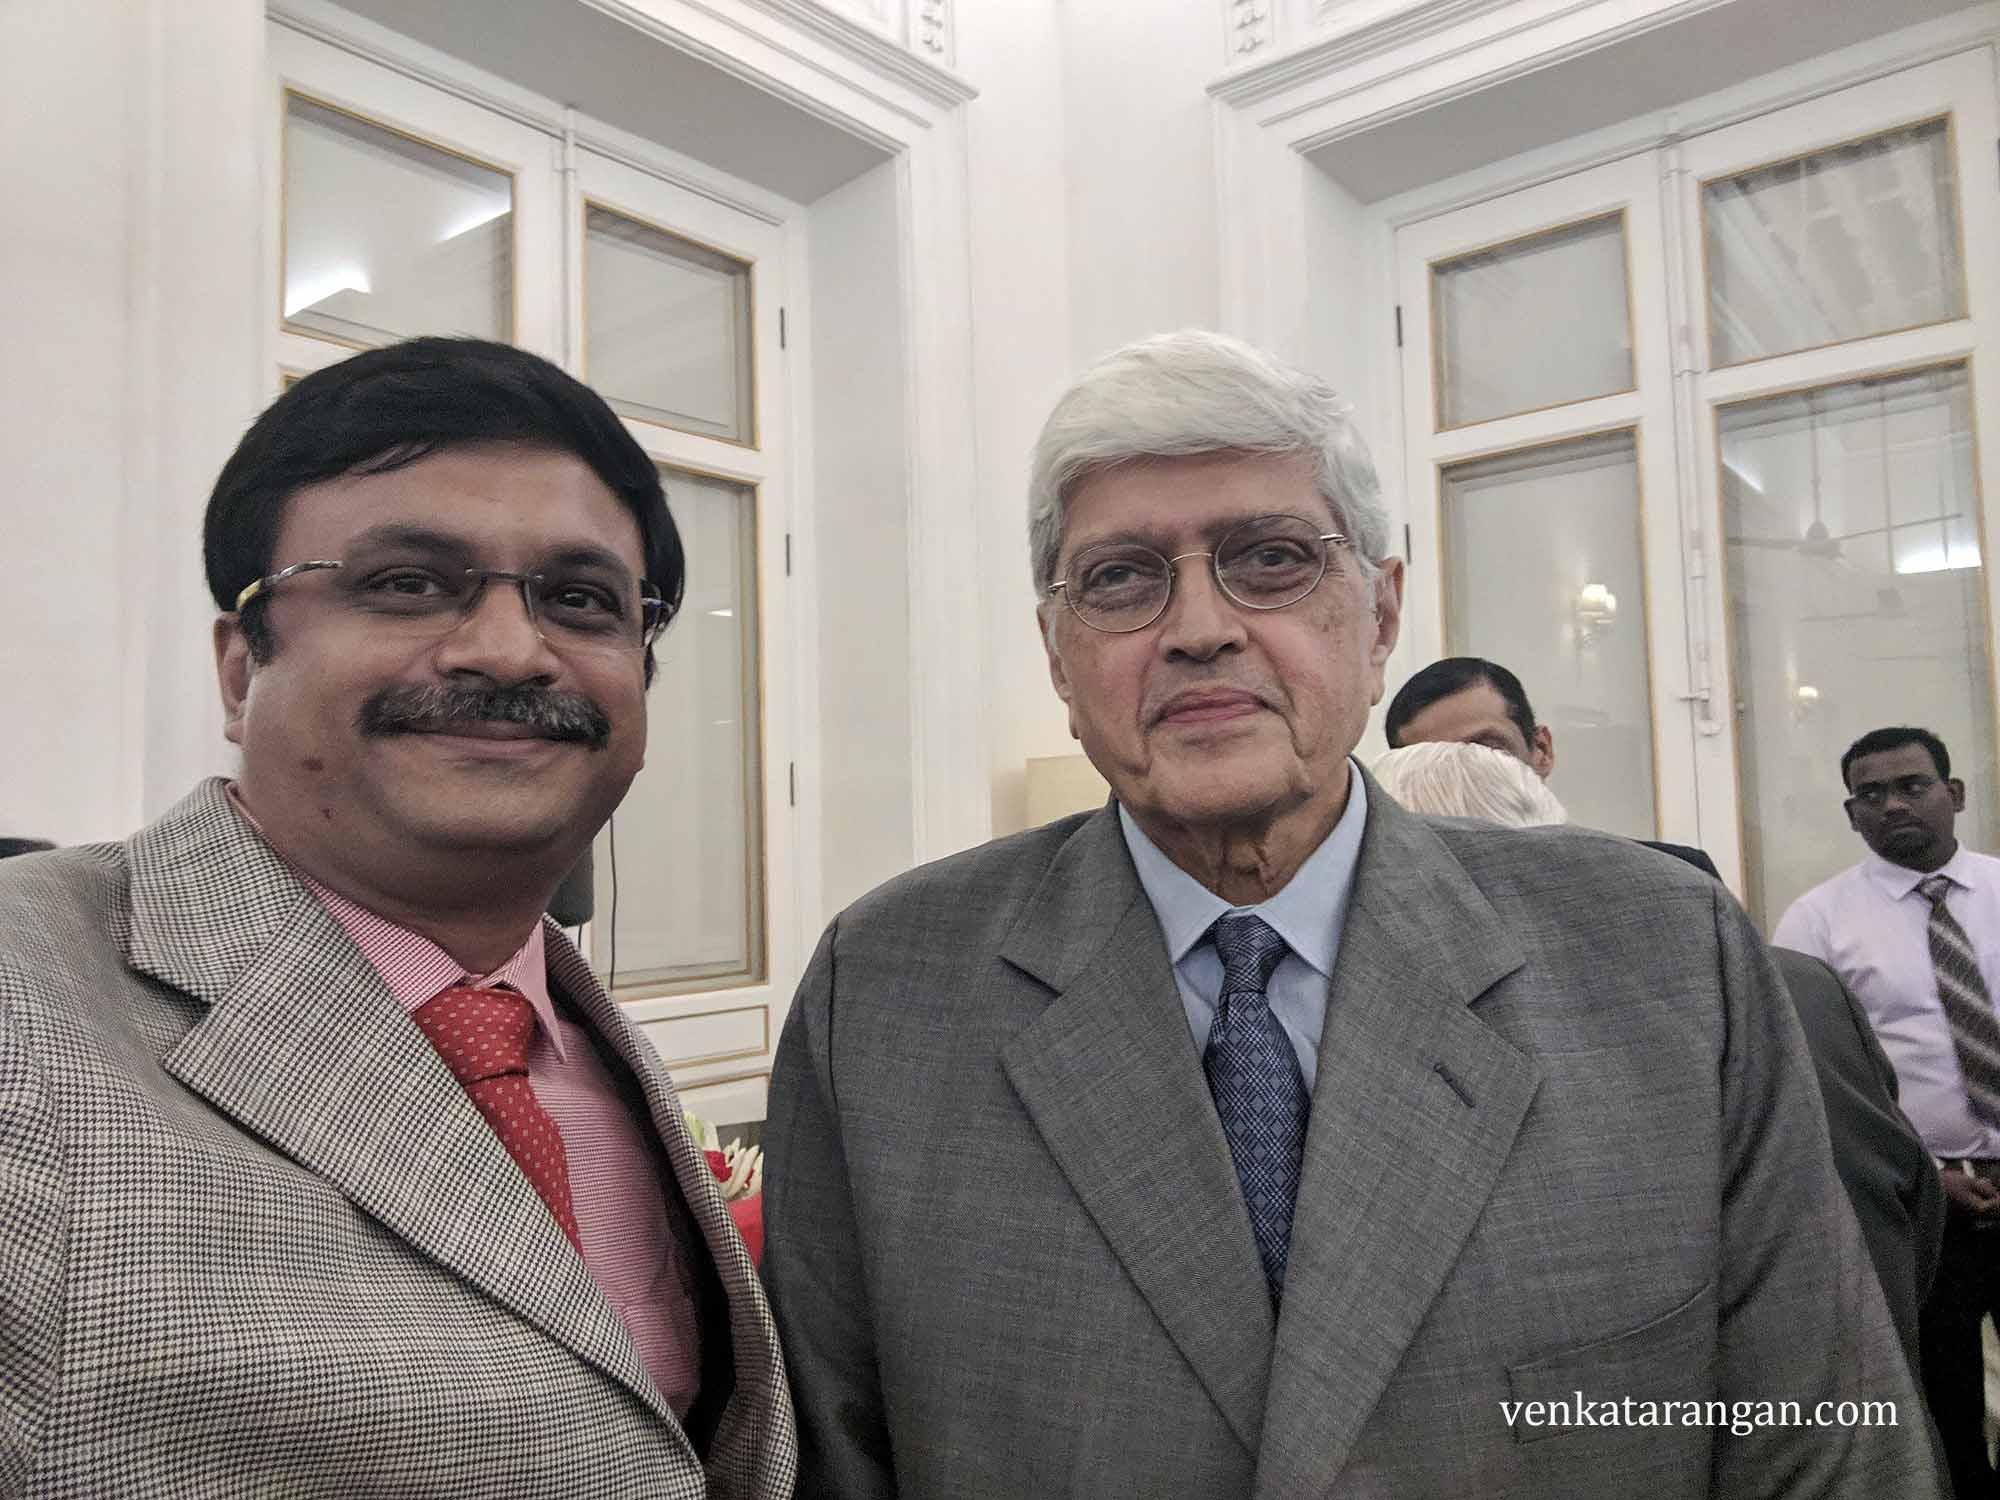 With Mr Gopalakrishna Gandhi (Former Governor of West Bengal)